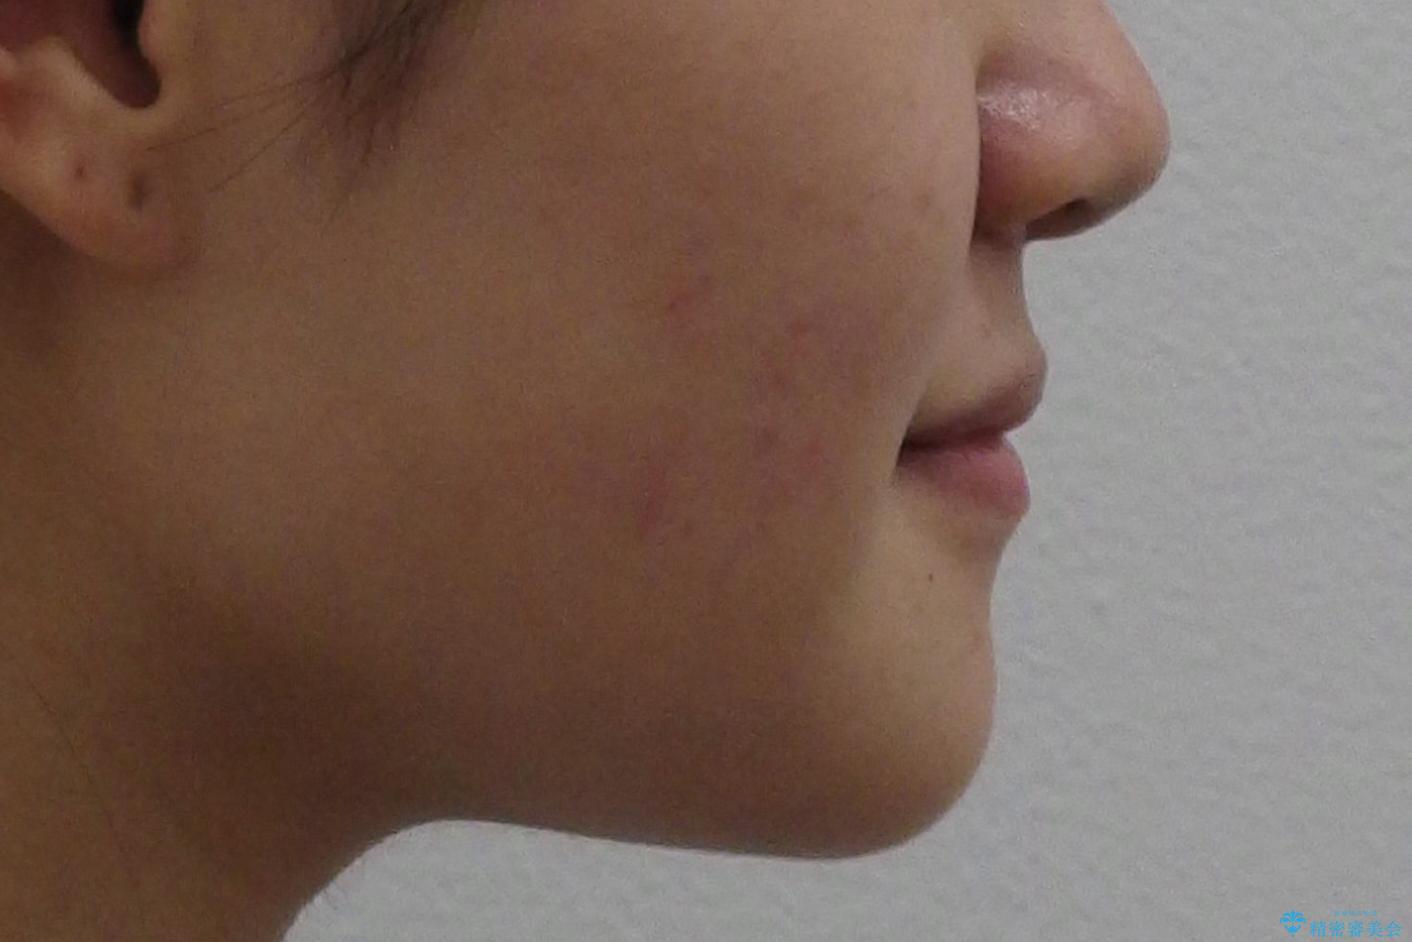 受け口 親知らずを取り込む矯正治療の治療前(顔貌)